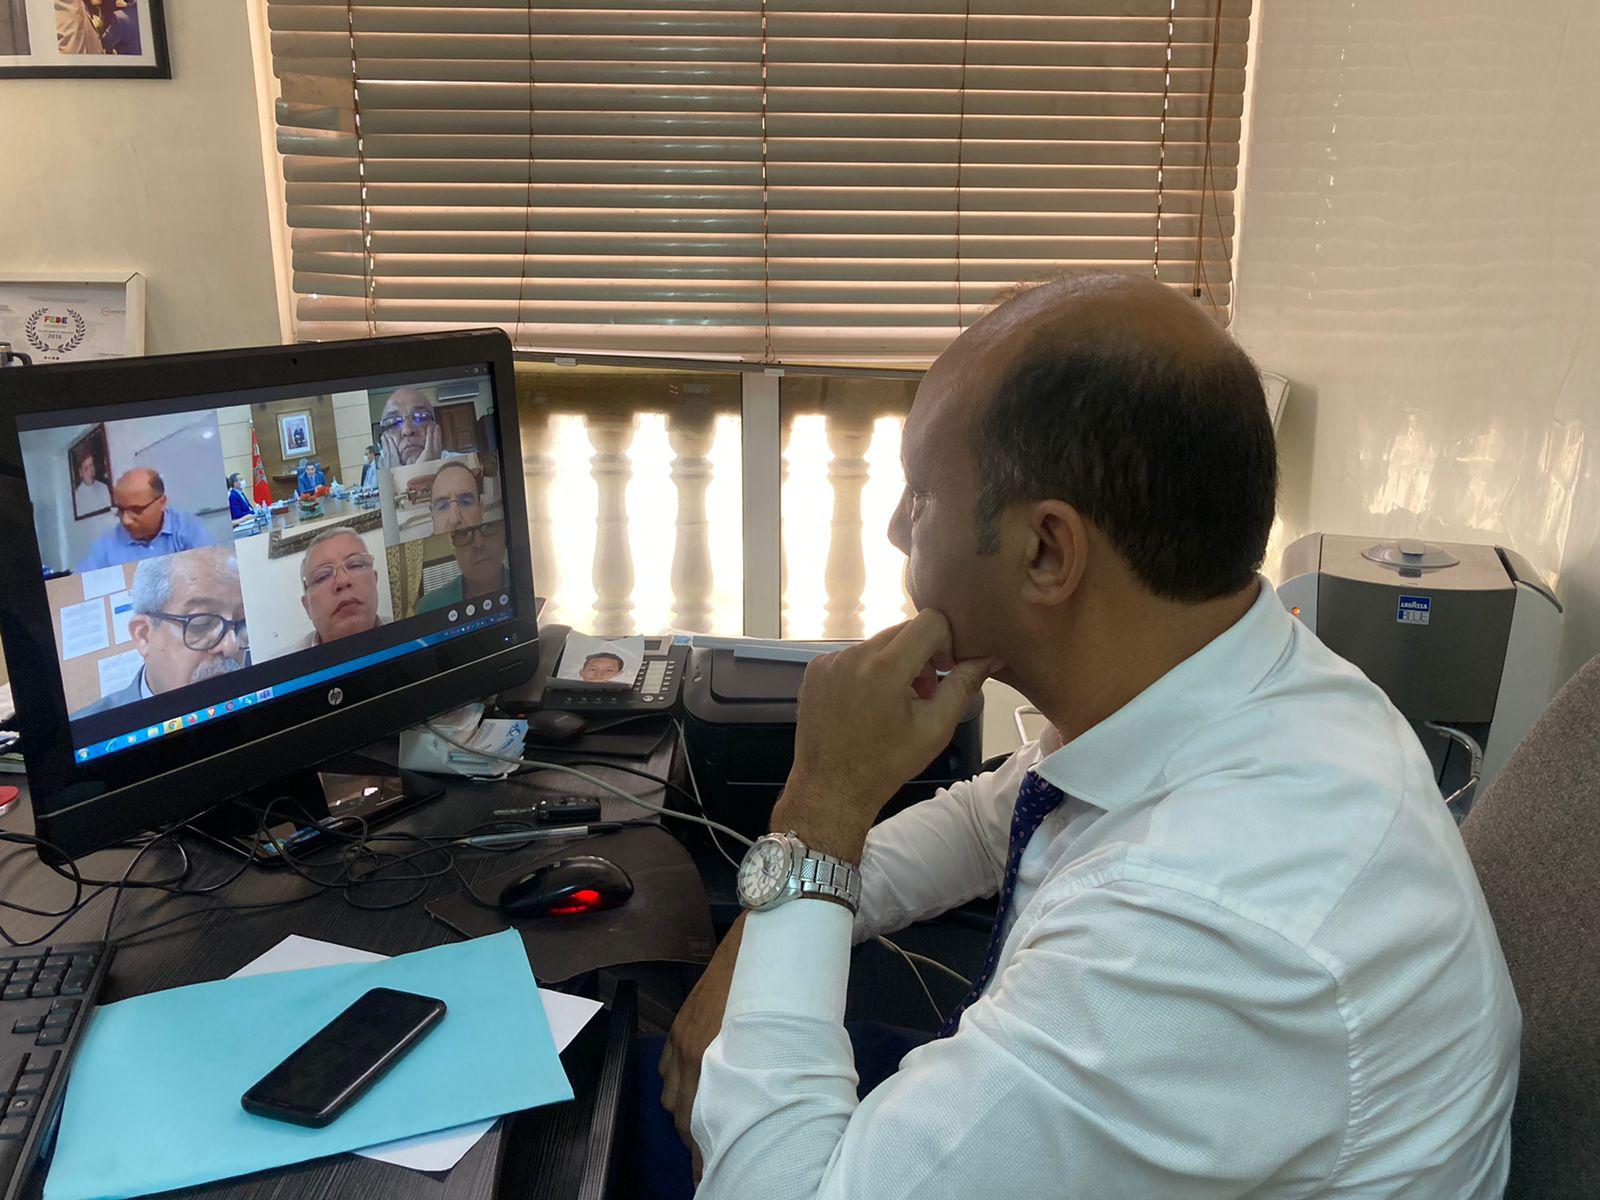 وزير التعليم يجتمع بممثلي المدارس الخاصة بالمغرب واتفاق على تمديد الموسم الدراسي إلى غاية شهر يوليوز 2022